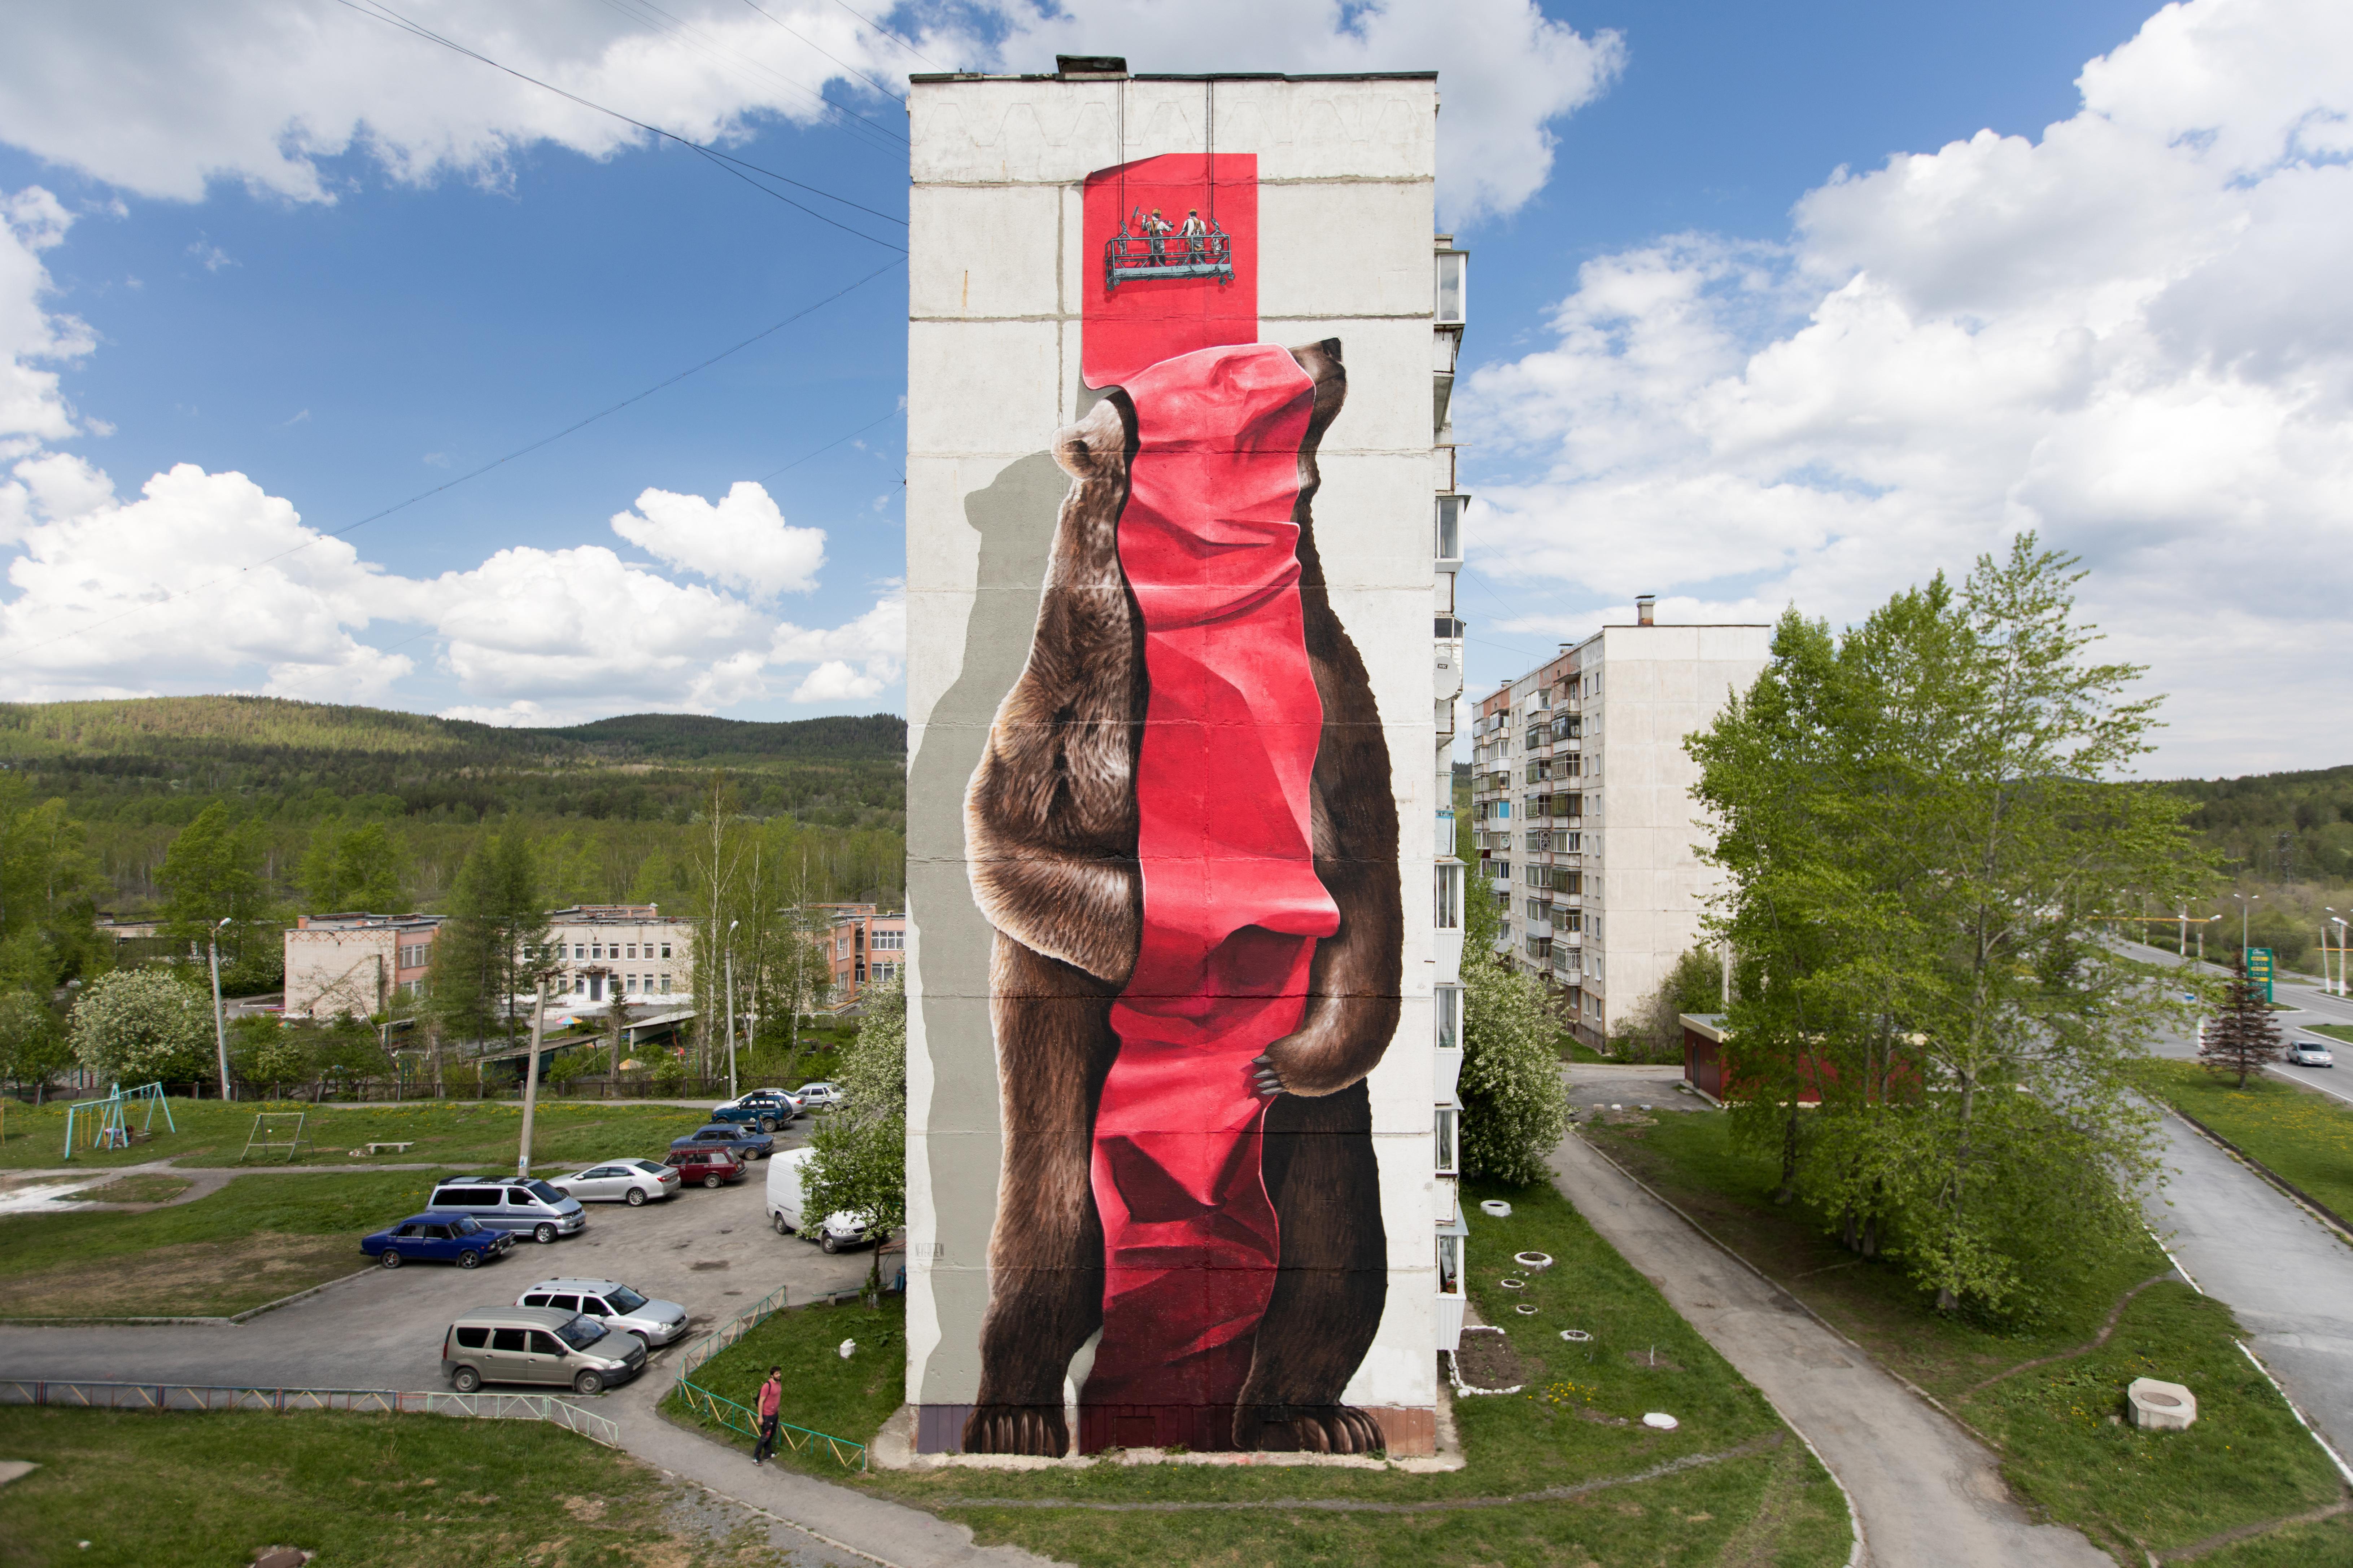 """""""Baring machine"""" murals by NEVERCREW in Satka, Russia - StreetArtNews (blog)"""